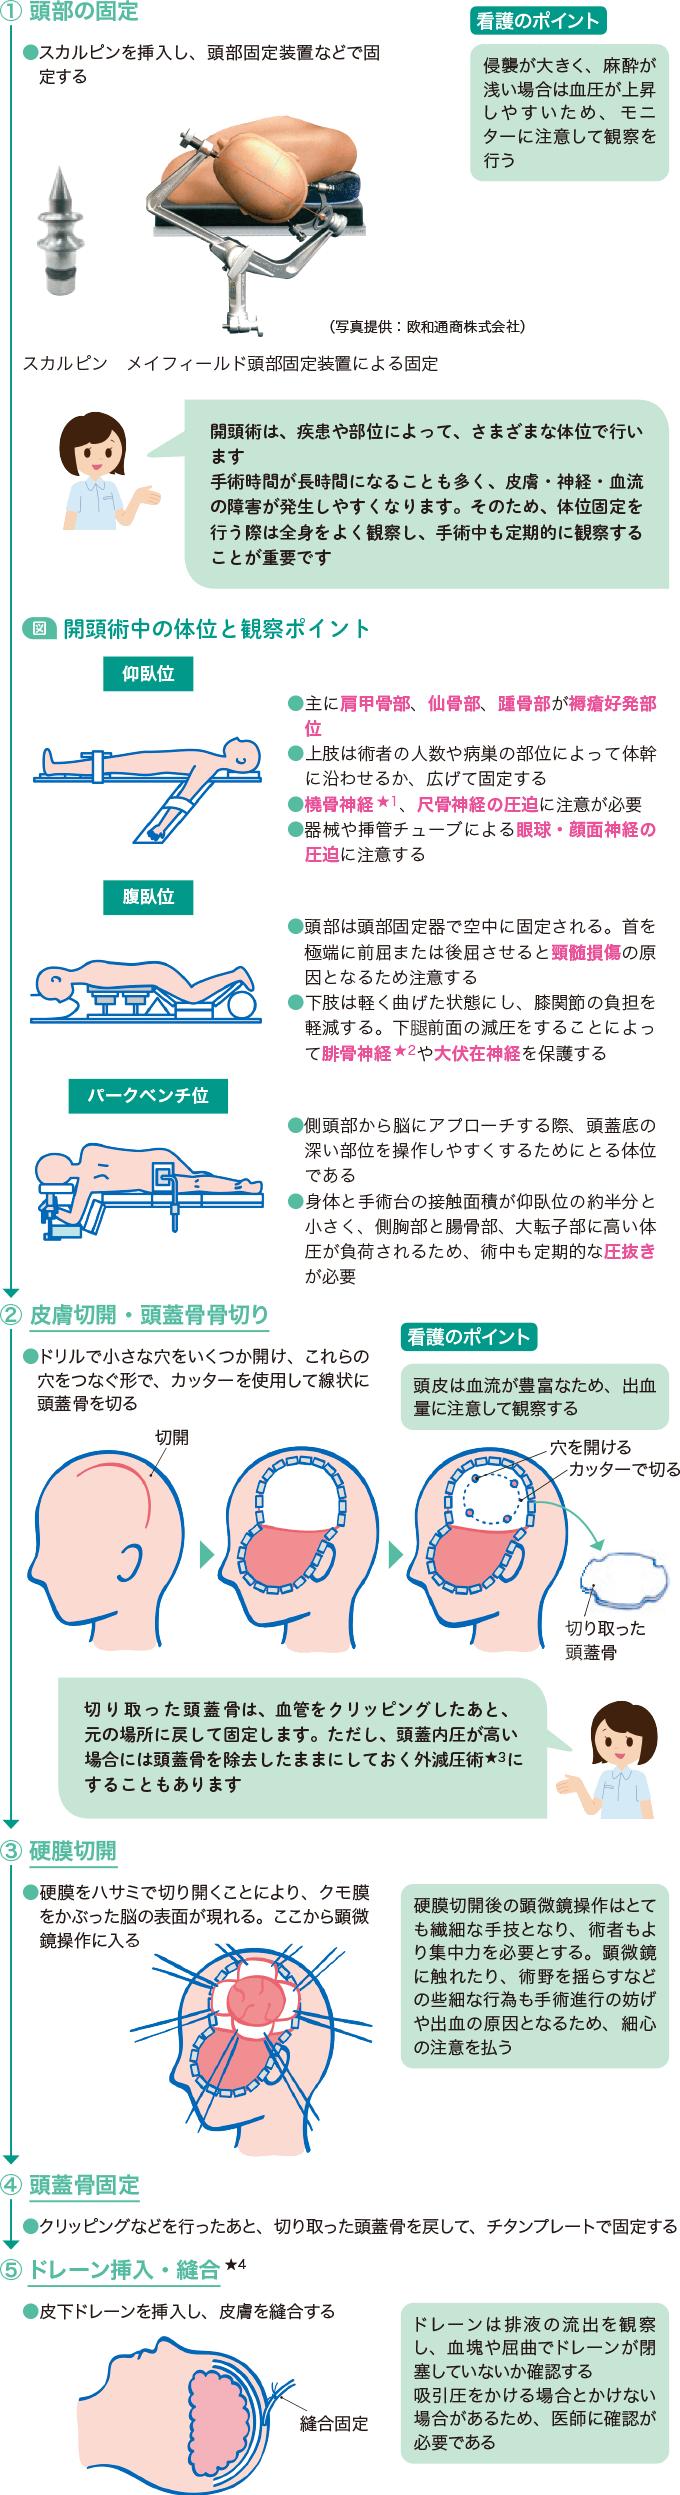 図4開頭術の流れと看護のポイント